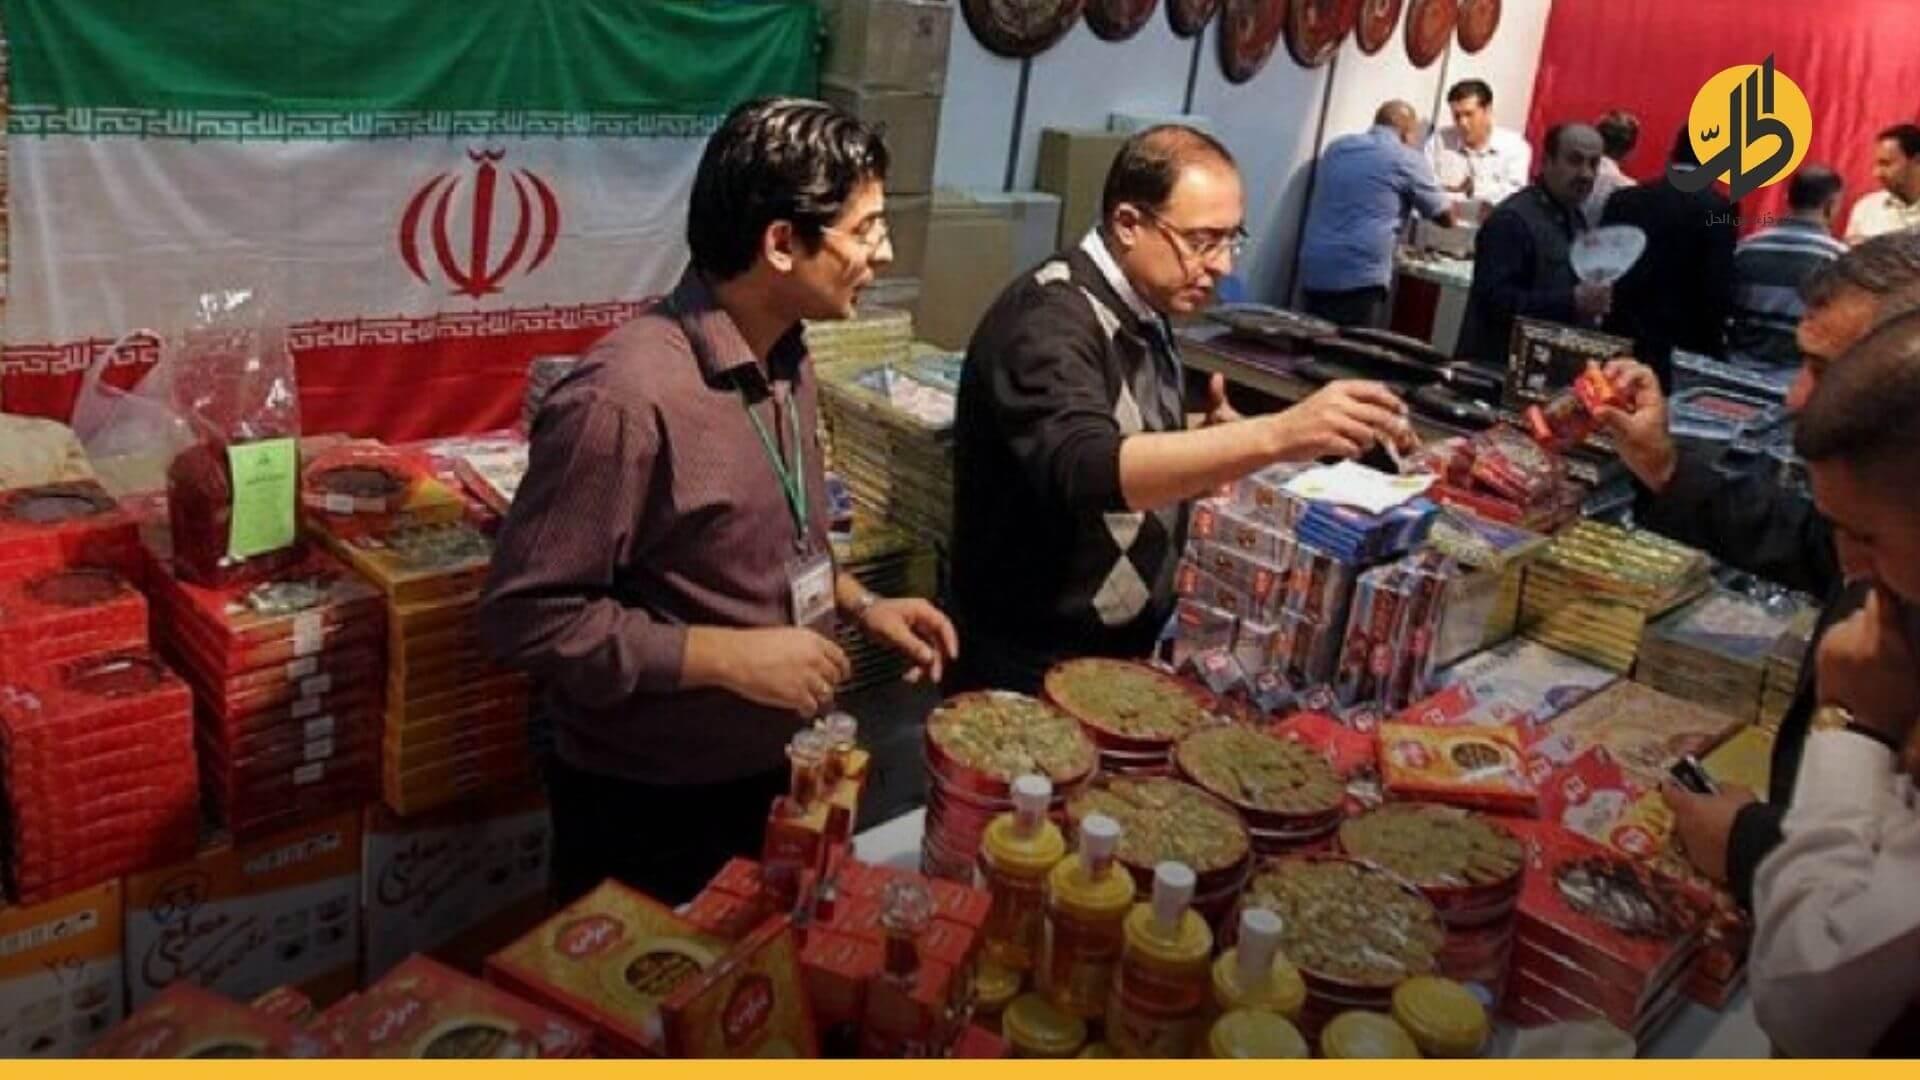 شركة إيرانية على قوائم الإرهاب تستثمر في سوريا